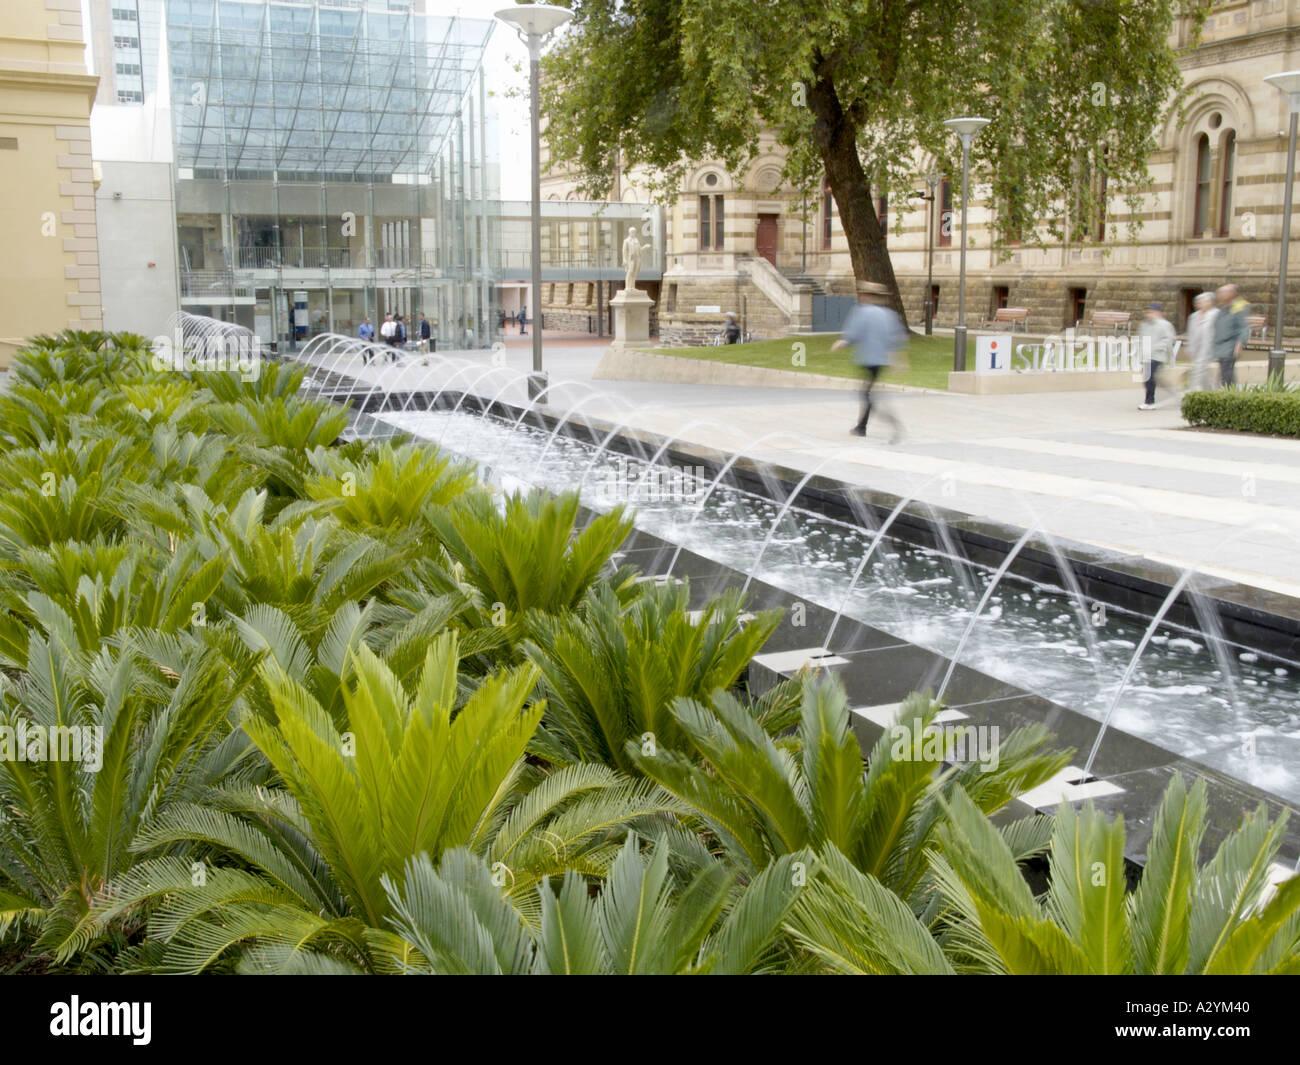 Giardini Moderni Immagini : Funzione di acqua in giardini moderni sulla terrazza nord